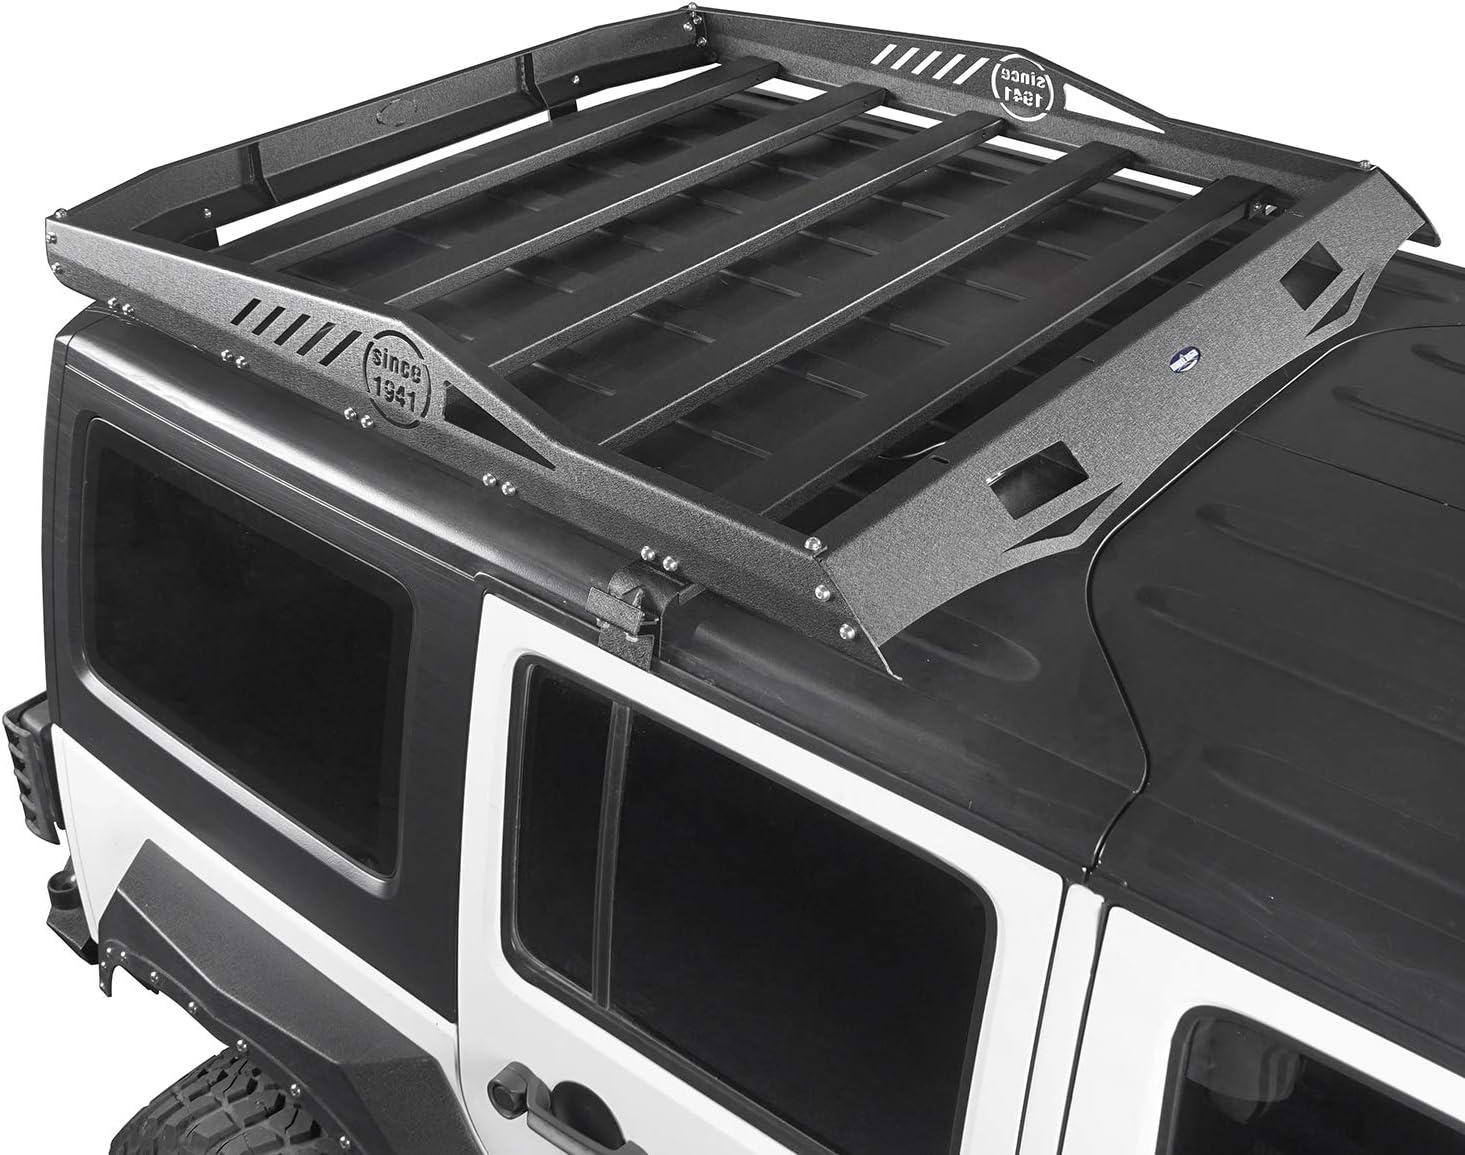 Hooke Road Jeep Wrangler JK Hard Top Roof Rack Cargo Carrier Luggage Basket for 07-18 Jeep Wrangler JK /& Unlimited